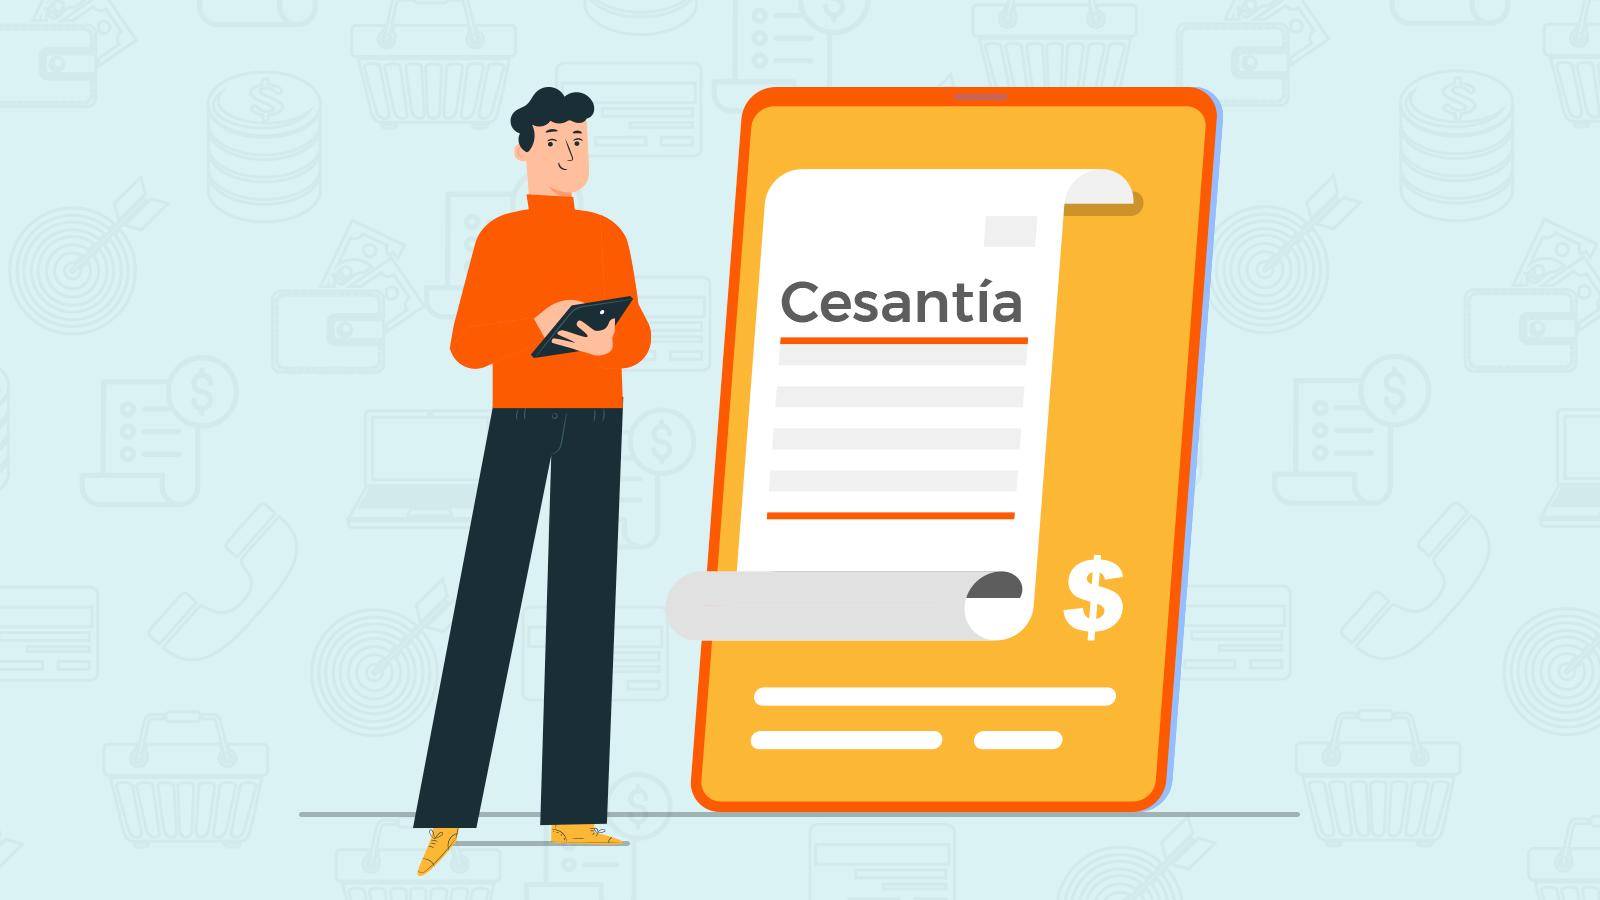 como-calcular-cesantia-costa-rica